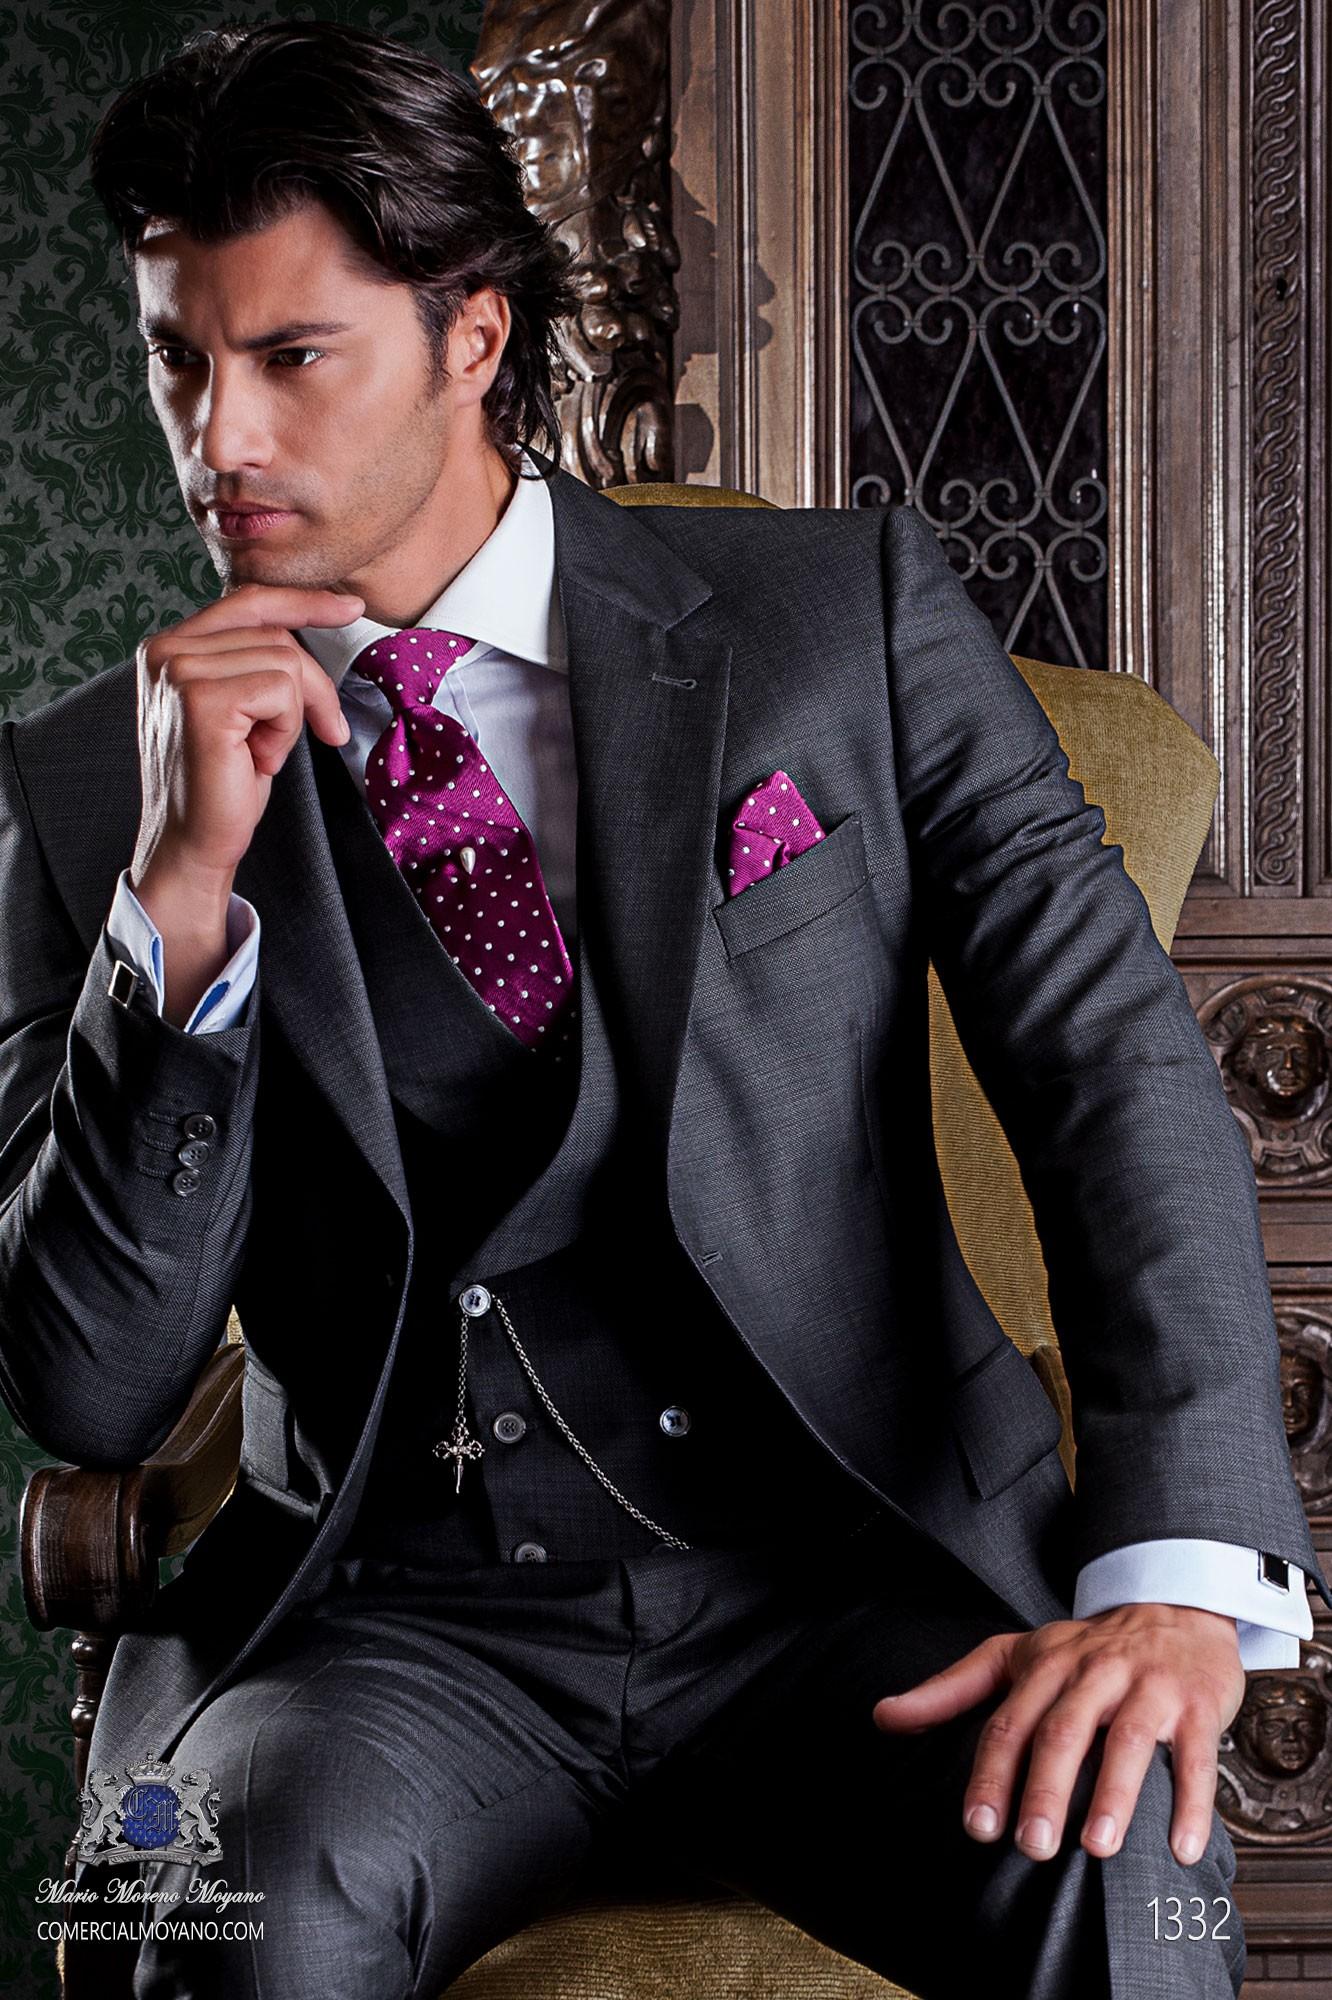 italienische graue hochzeitsanzug aus wolle ottavio nuccio gala. Black Bedroom Furniture Sets. Home Design Ideas